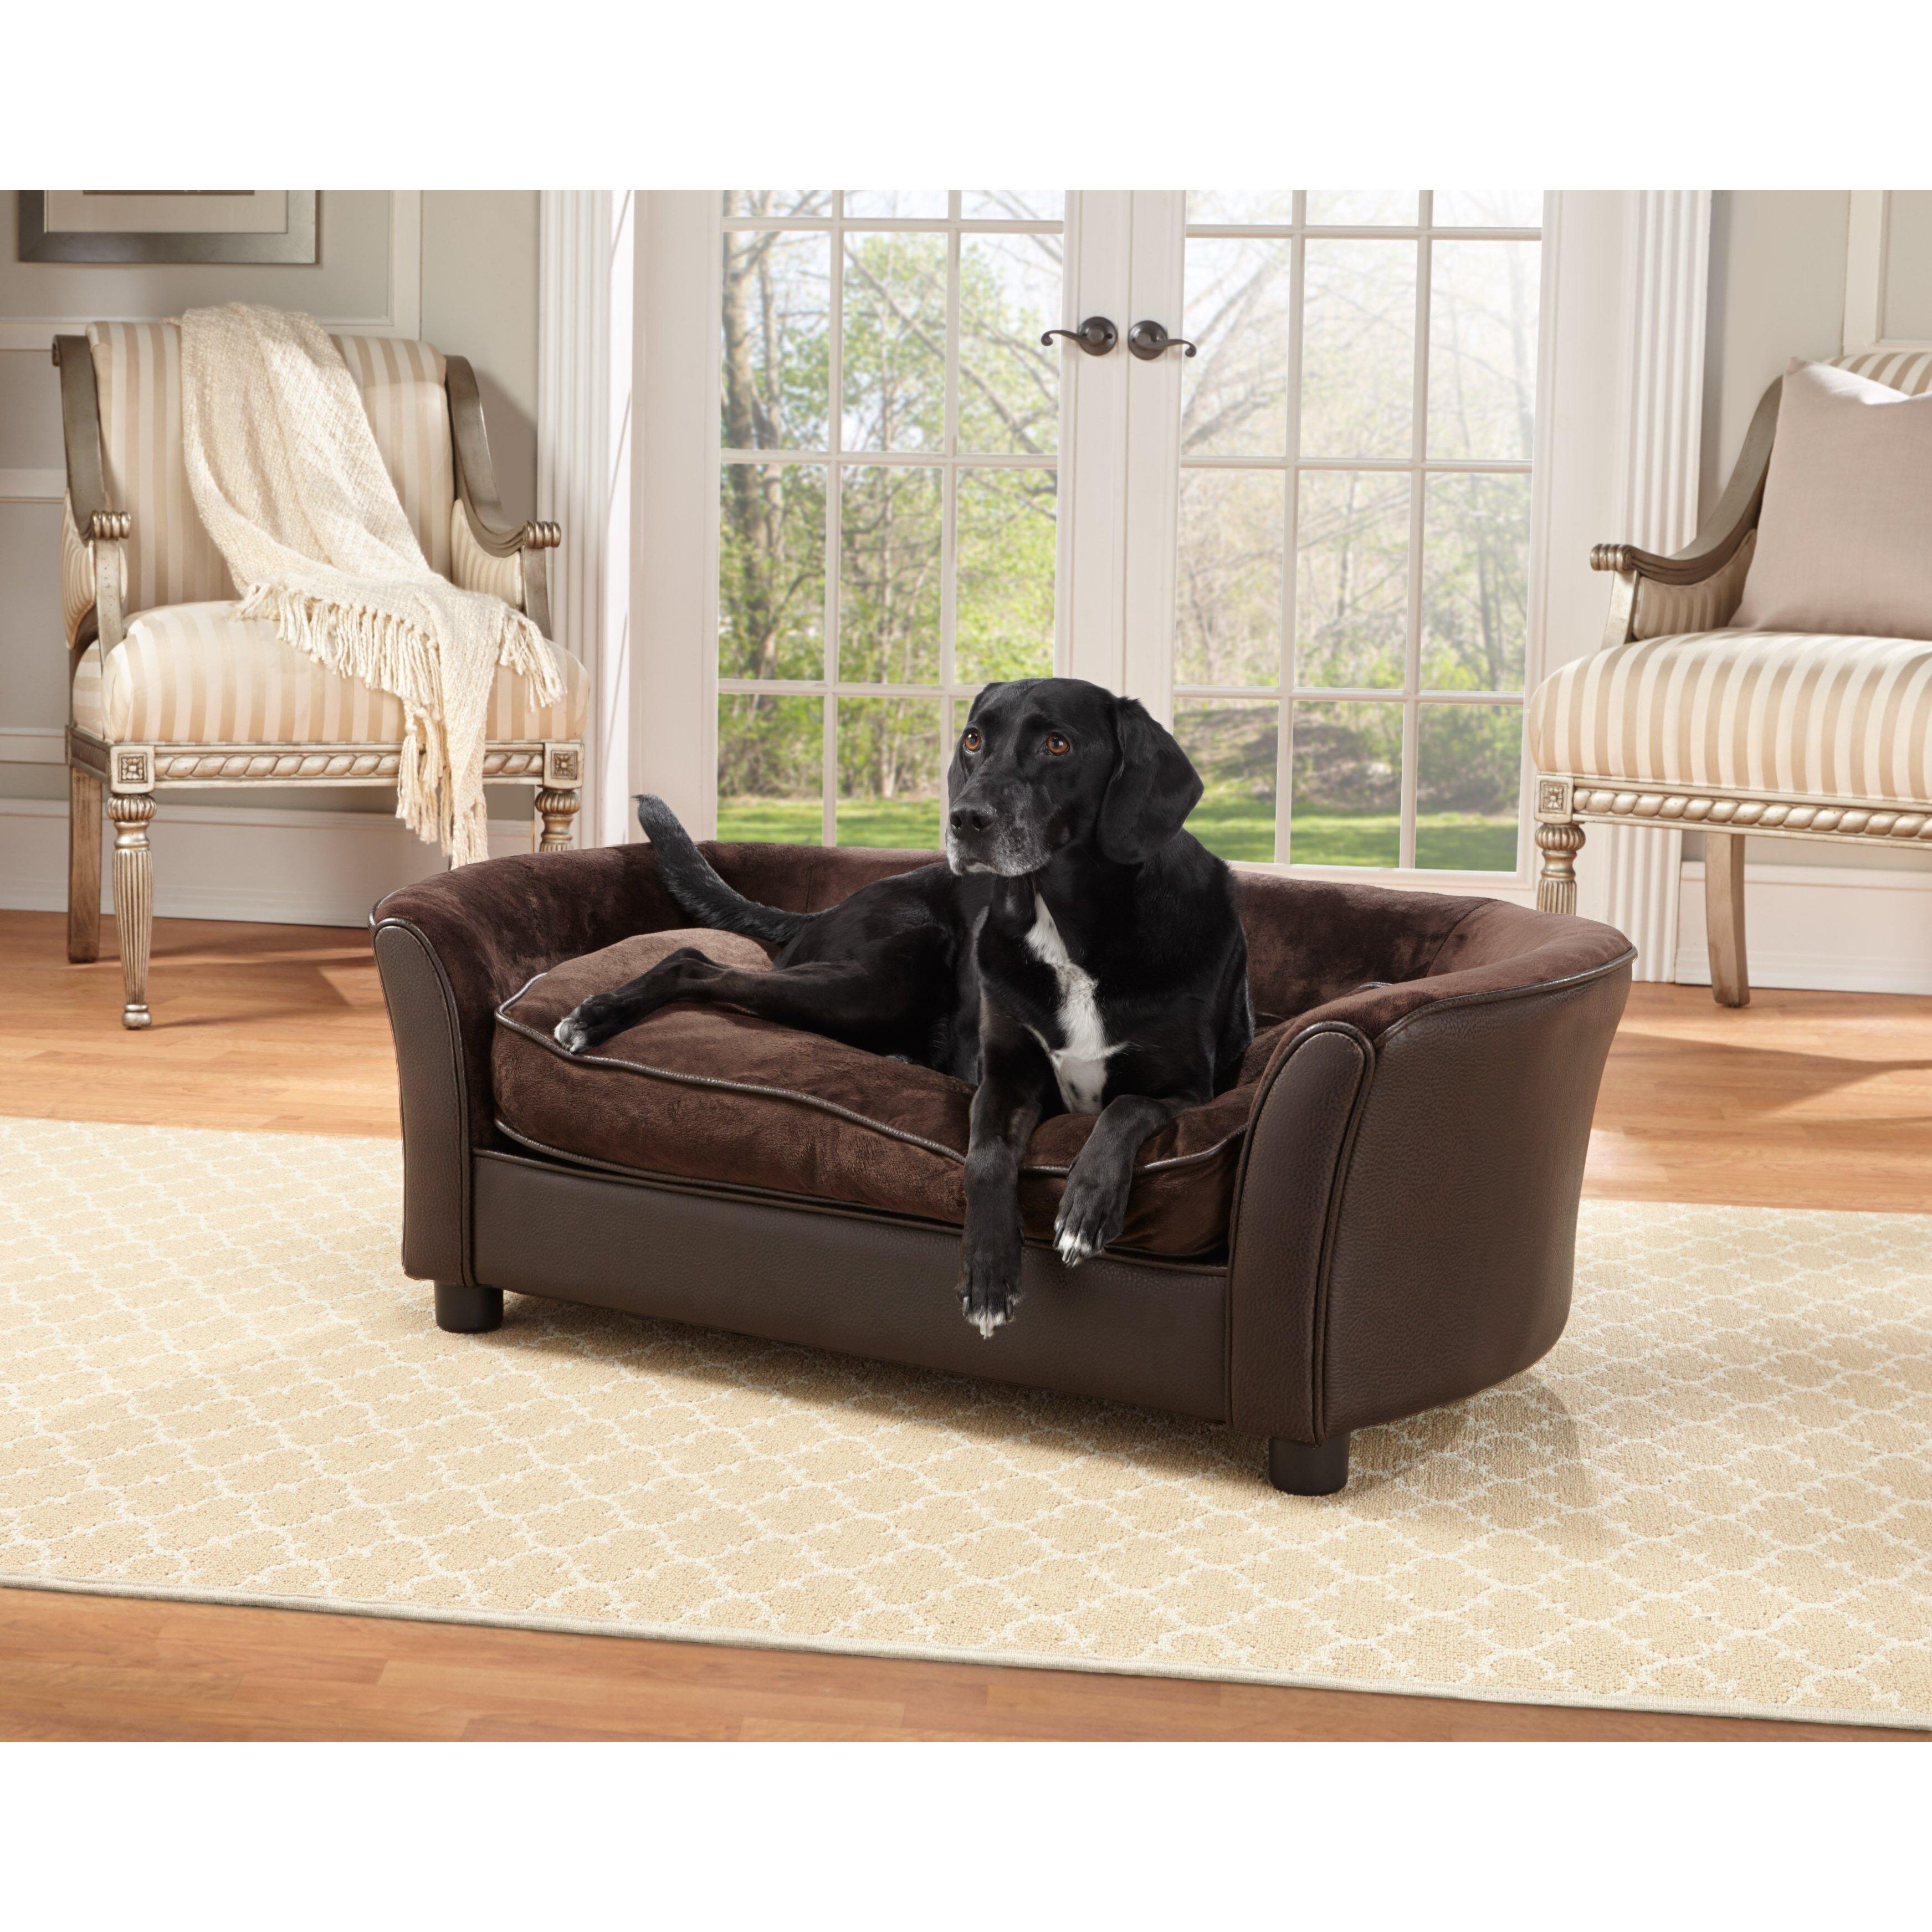 Enchanted Home Pet Panache Dog Sofa Reviews Wayfair